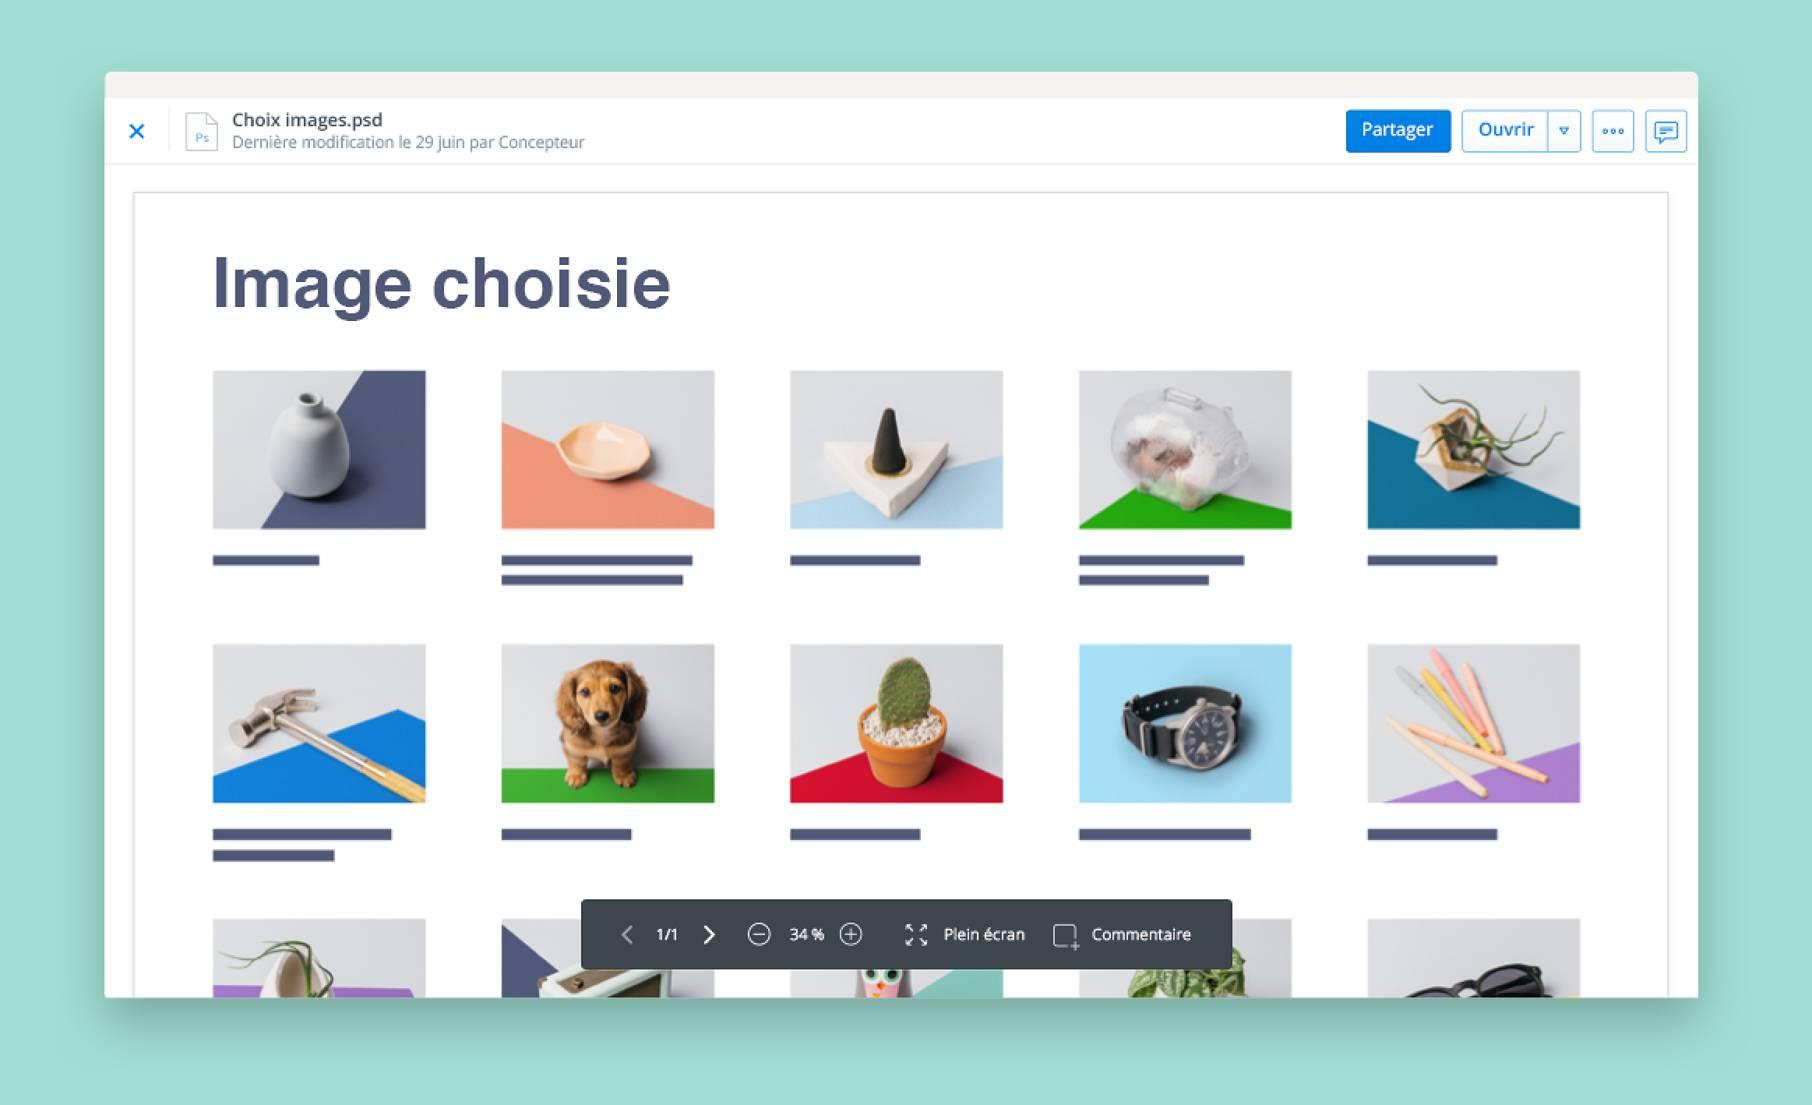 Consultation des images grâce à la fonctionnalité d'aperçu de fichier de Dropbox